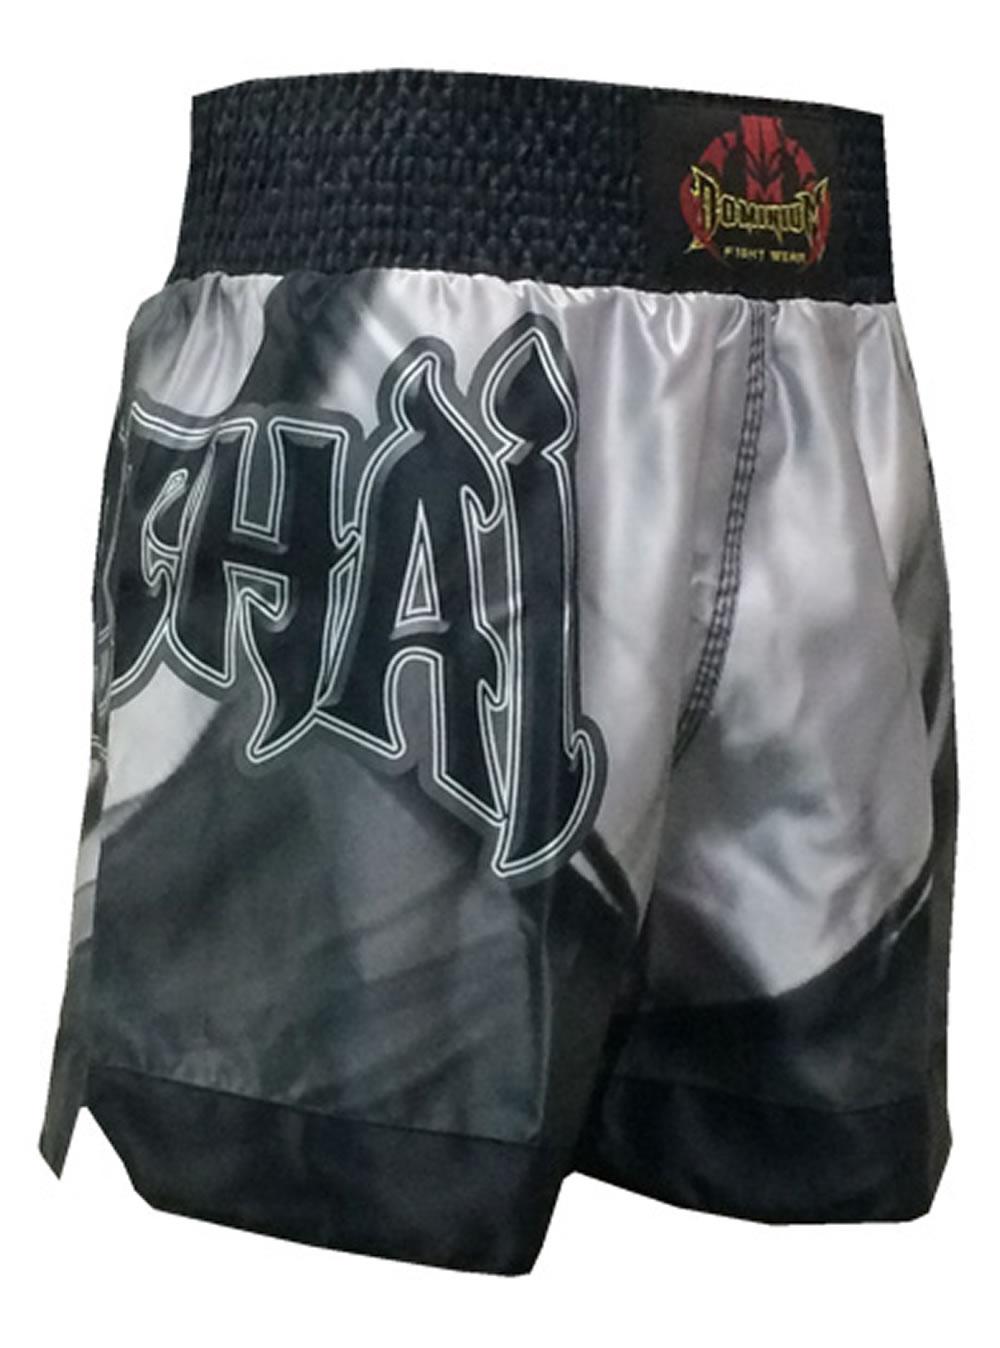 Short Calção Muay Thai - Cetim - 2798 - Prata/Preto